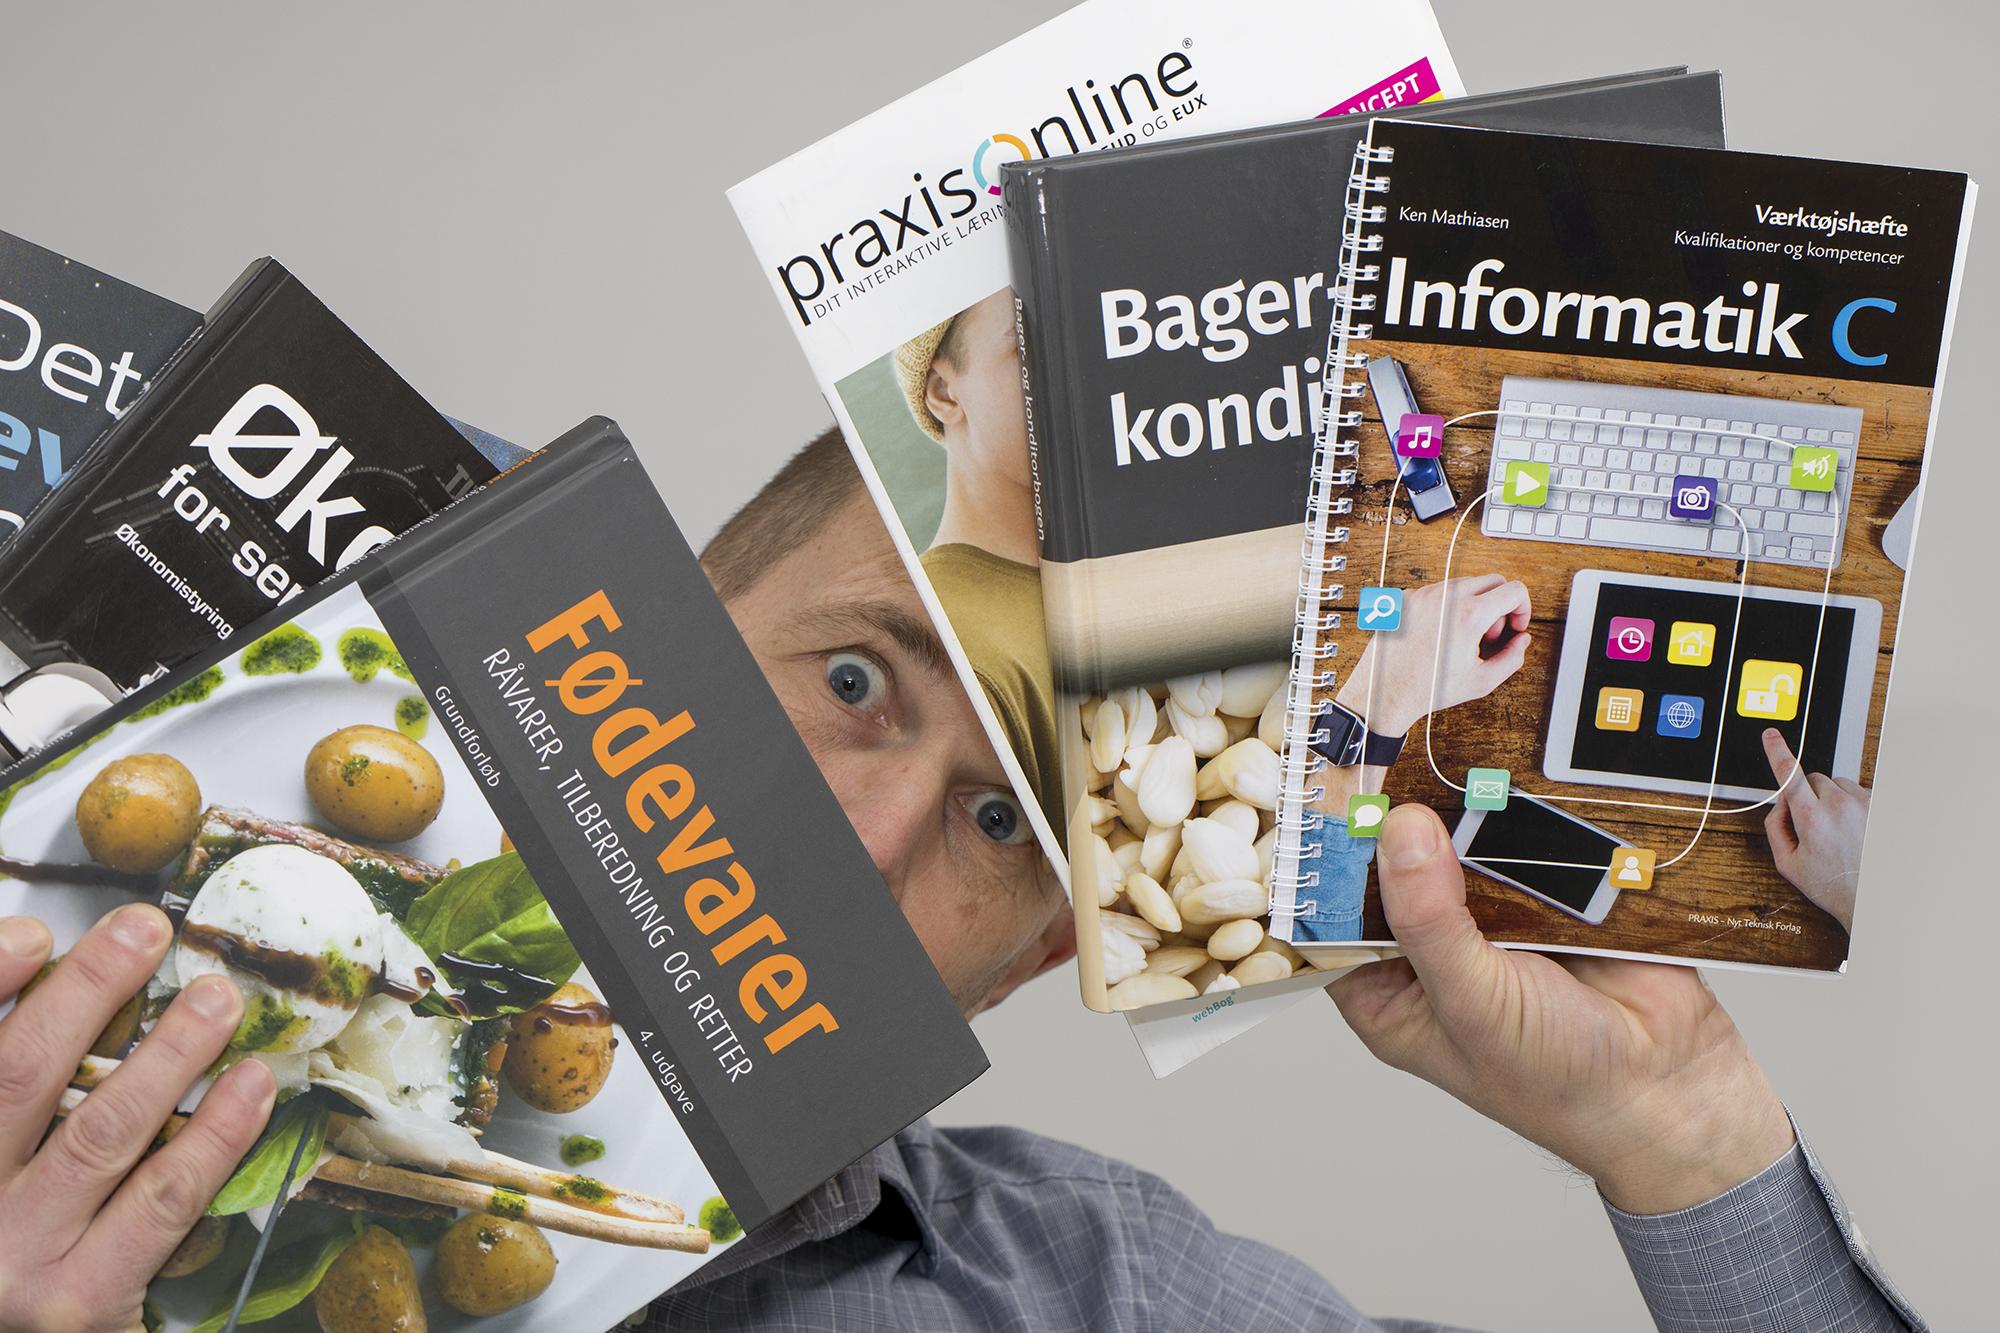 Skal du producere en publikation, en brochure, et katalog, eller en bog? Eller er du nysgerrig på hvordan man gør? Så læs herunder og bliv klogere på det.